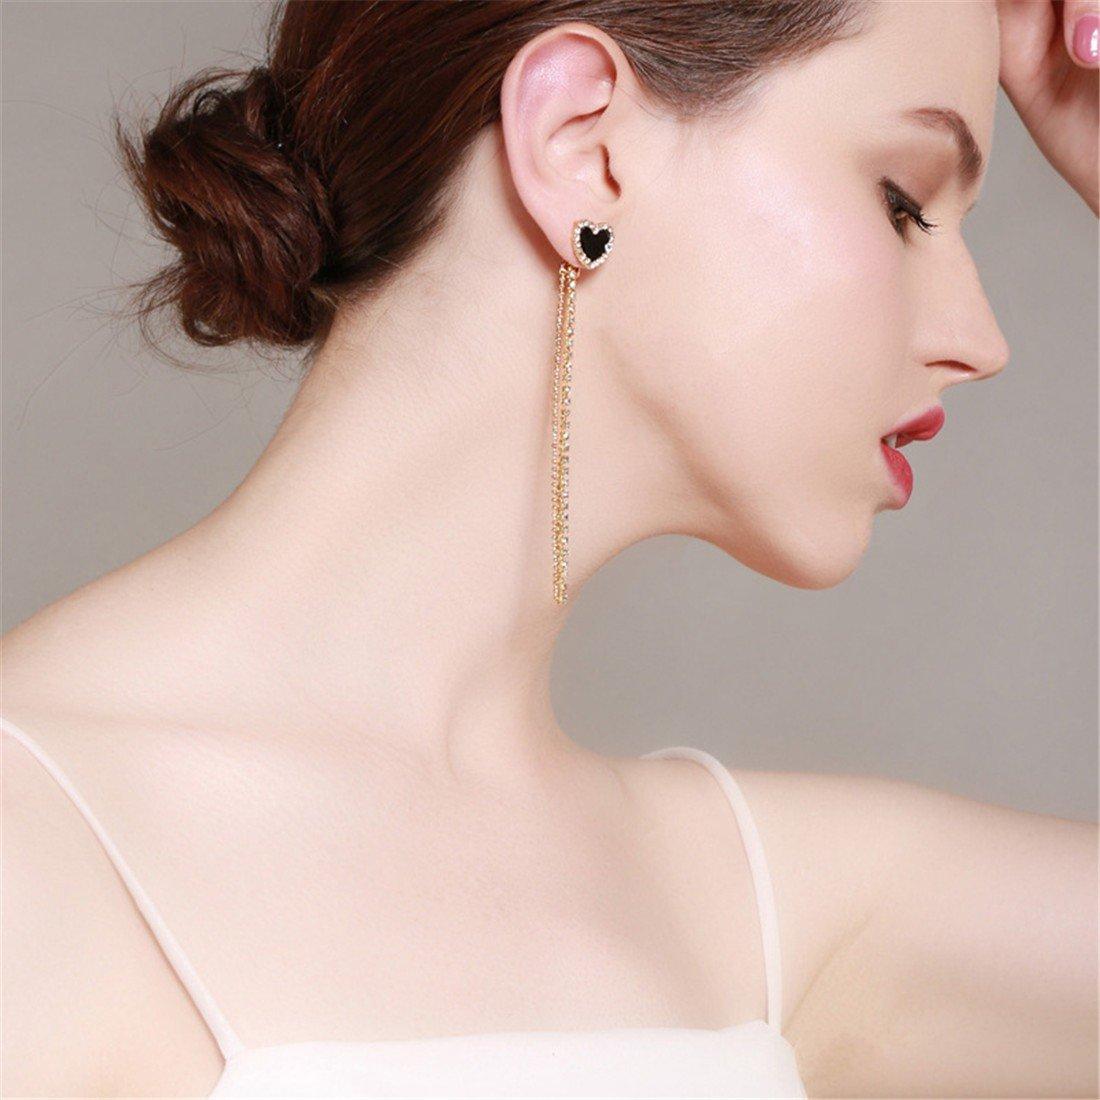 ball earrings|clip on earrings|ear cuffs|dangle earrings|earring jackets|hoop earrings|stud earrings|Fringed ear studs